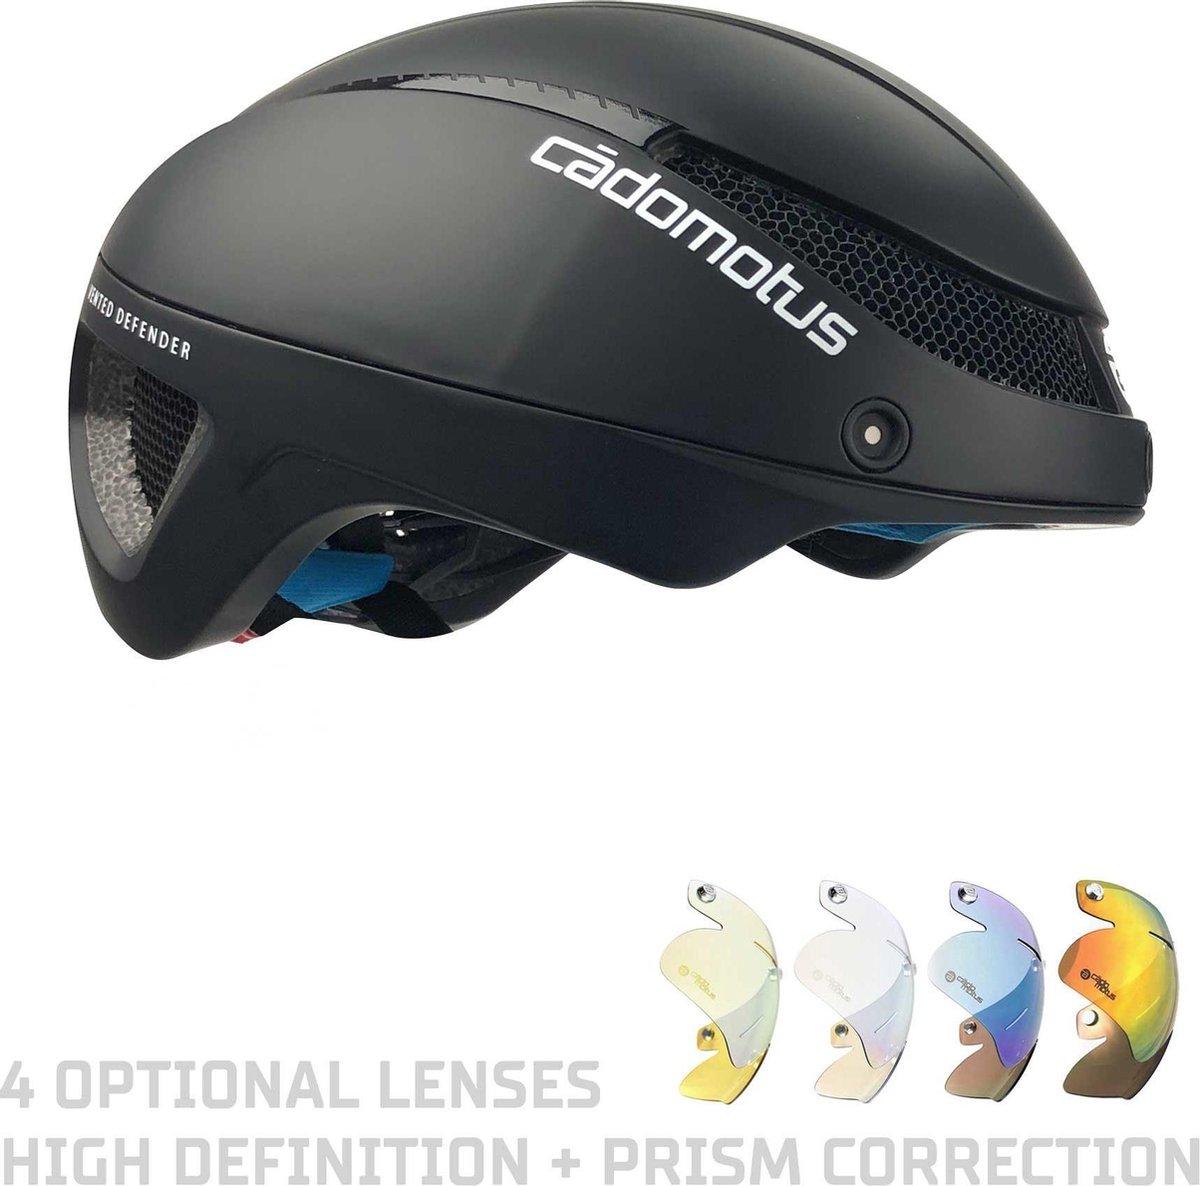 CADOMOTUS Omega Aero Helm Maat L (58-61cm) | Professionele Aerodynamische Helm voor Schaatsen, Fietsen, Triathlon en Skaten | Ultra Licht & Lage weerstand | Voor Volwassenen | Vizier Optioneel